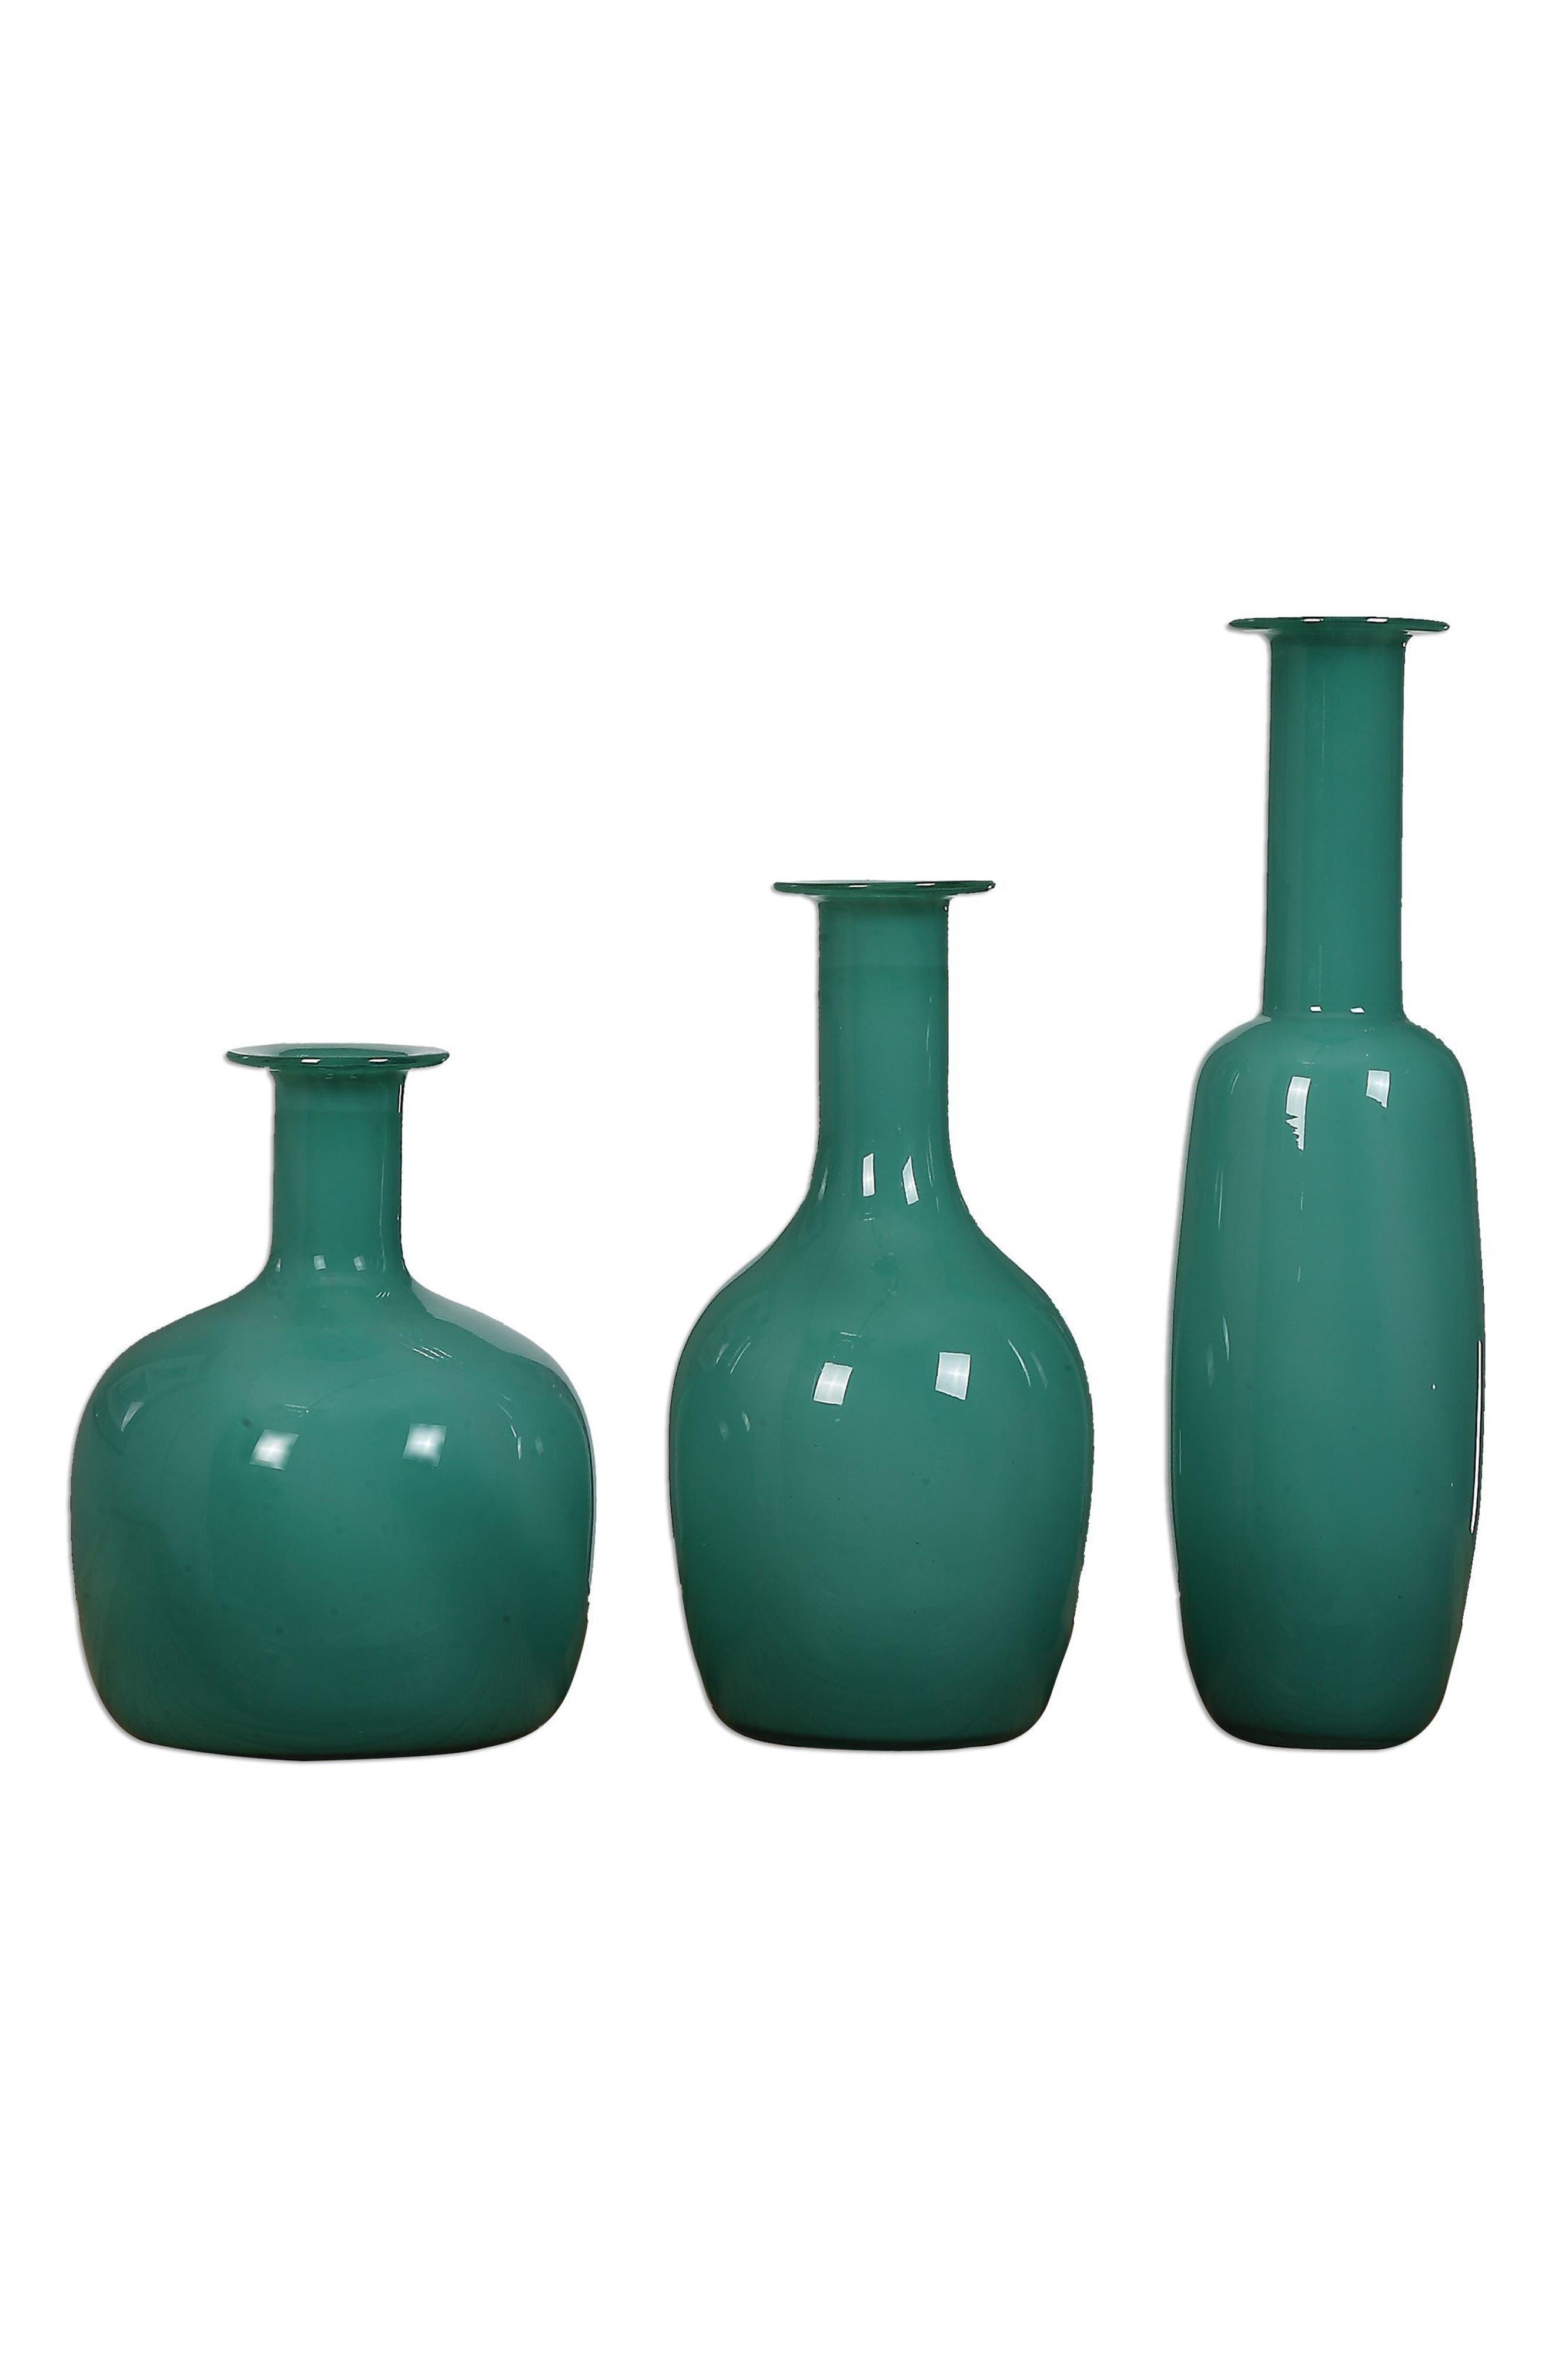 Alternate Image 1 Selected - Uttermost Set of 3 Baram Vases